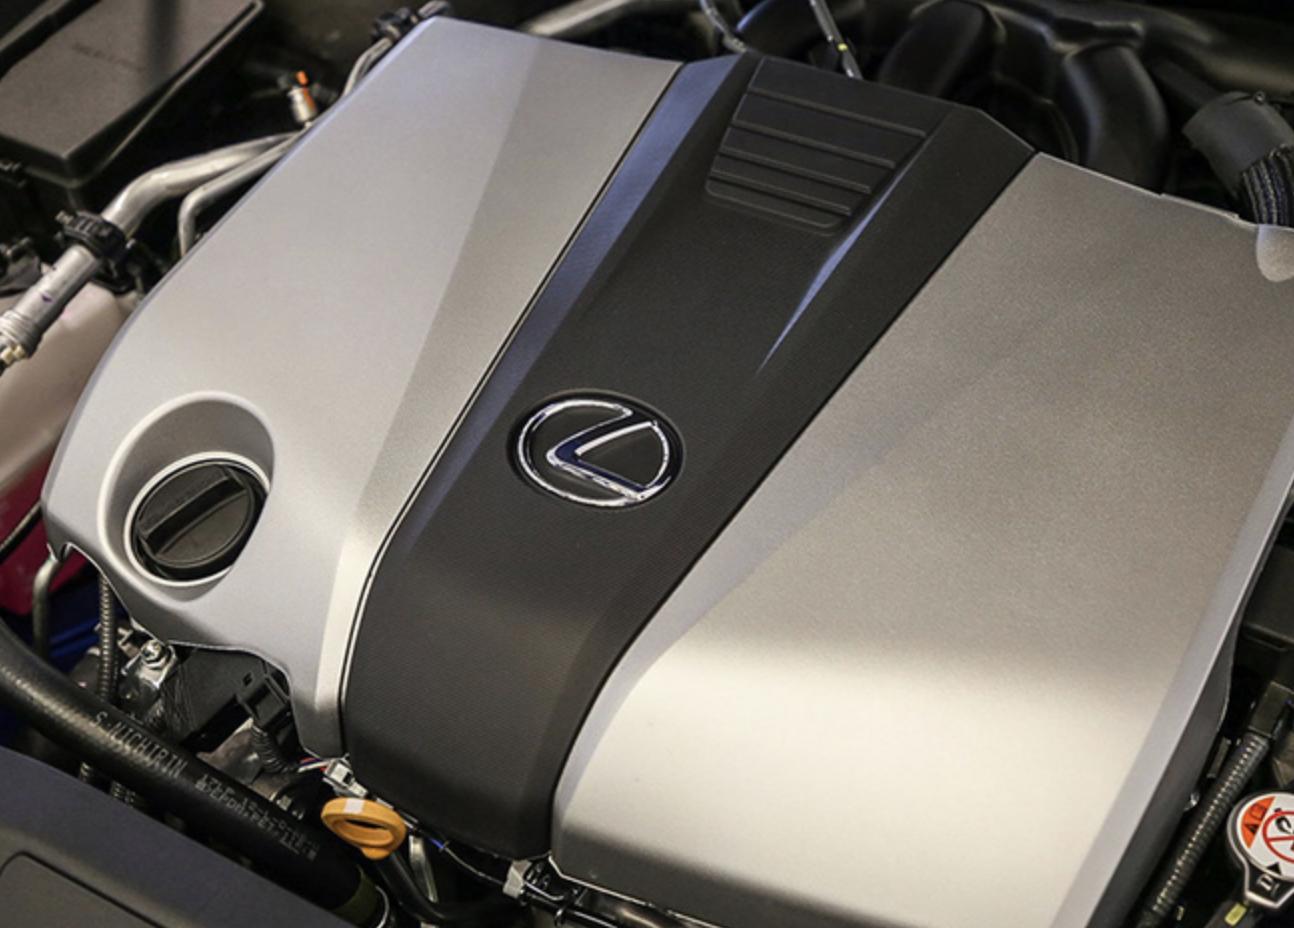 雷克萨斯ES 350实拍图曝光 搭载3.5L V6发动机